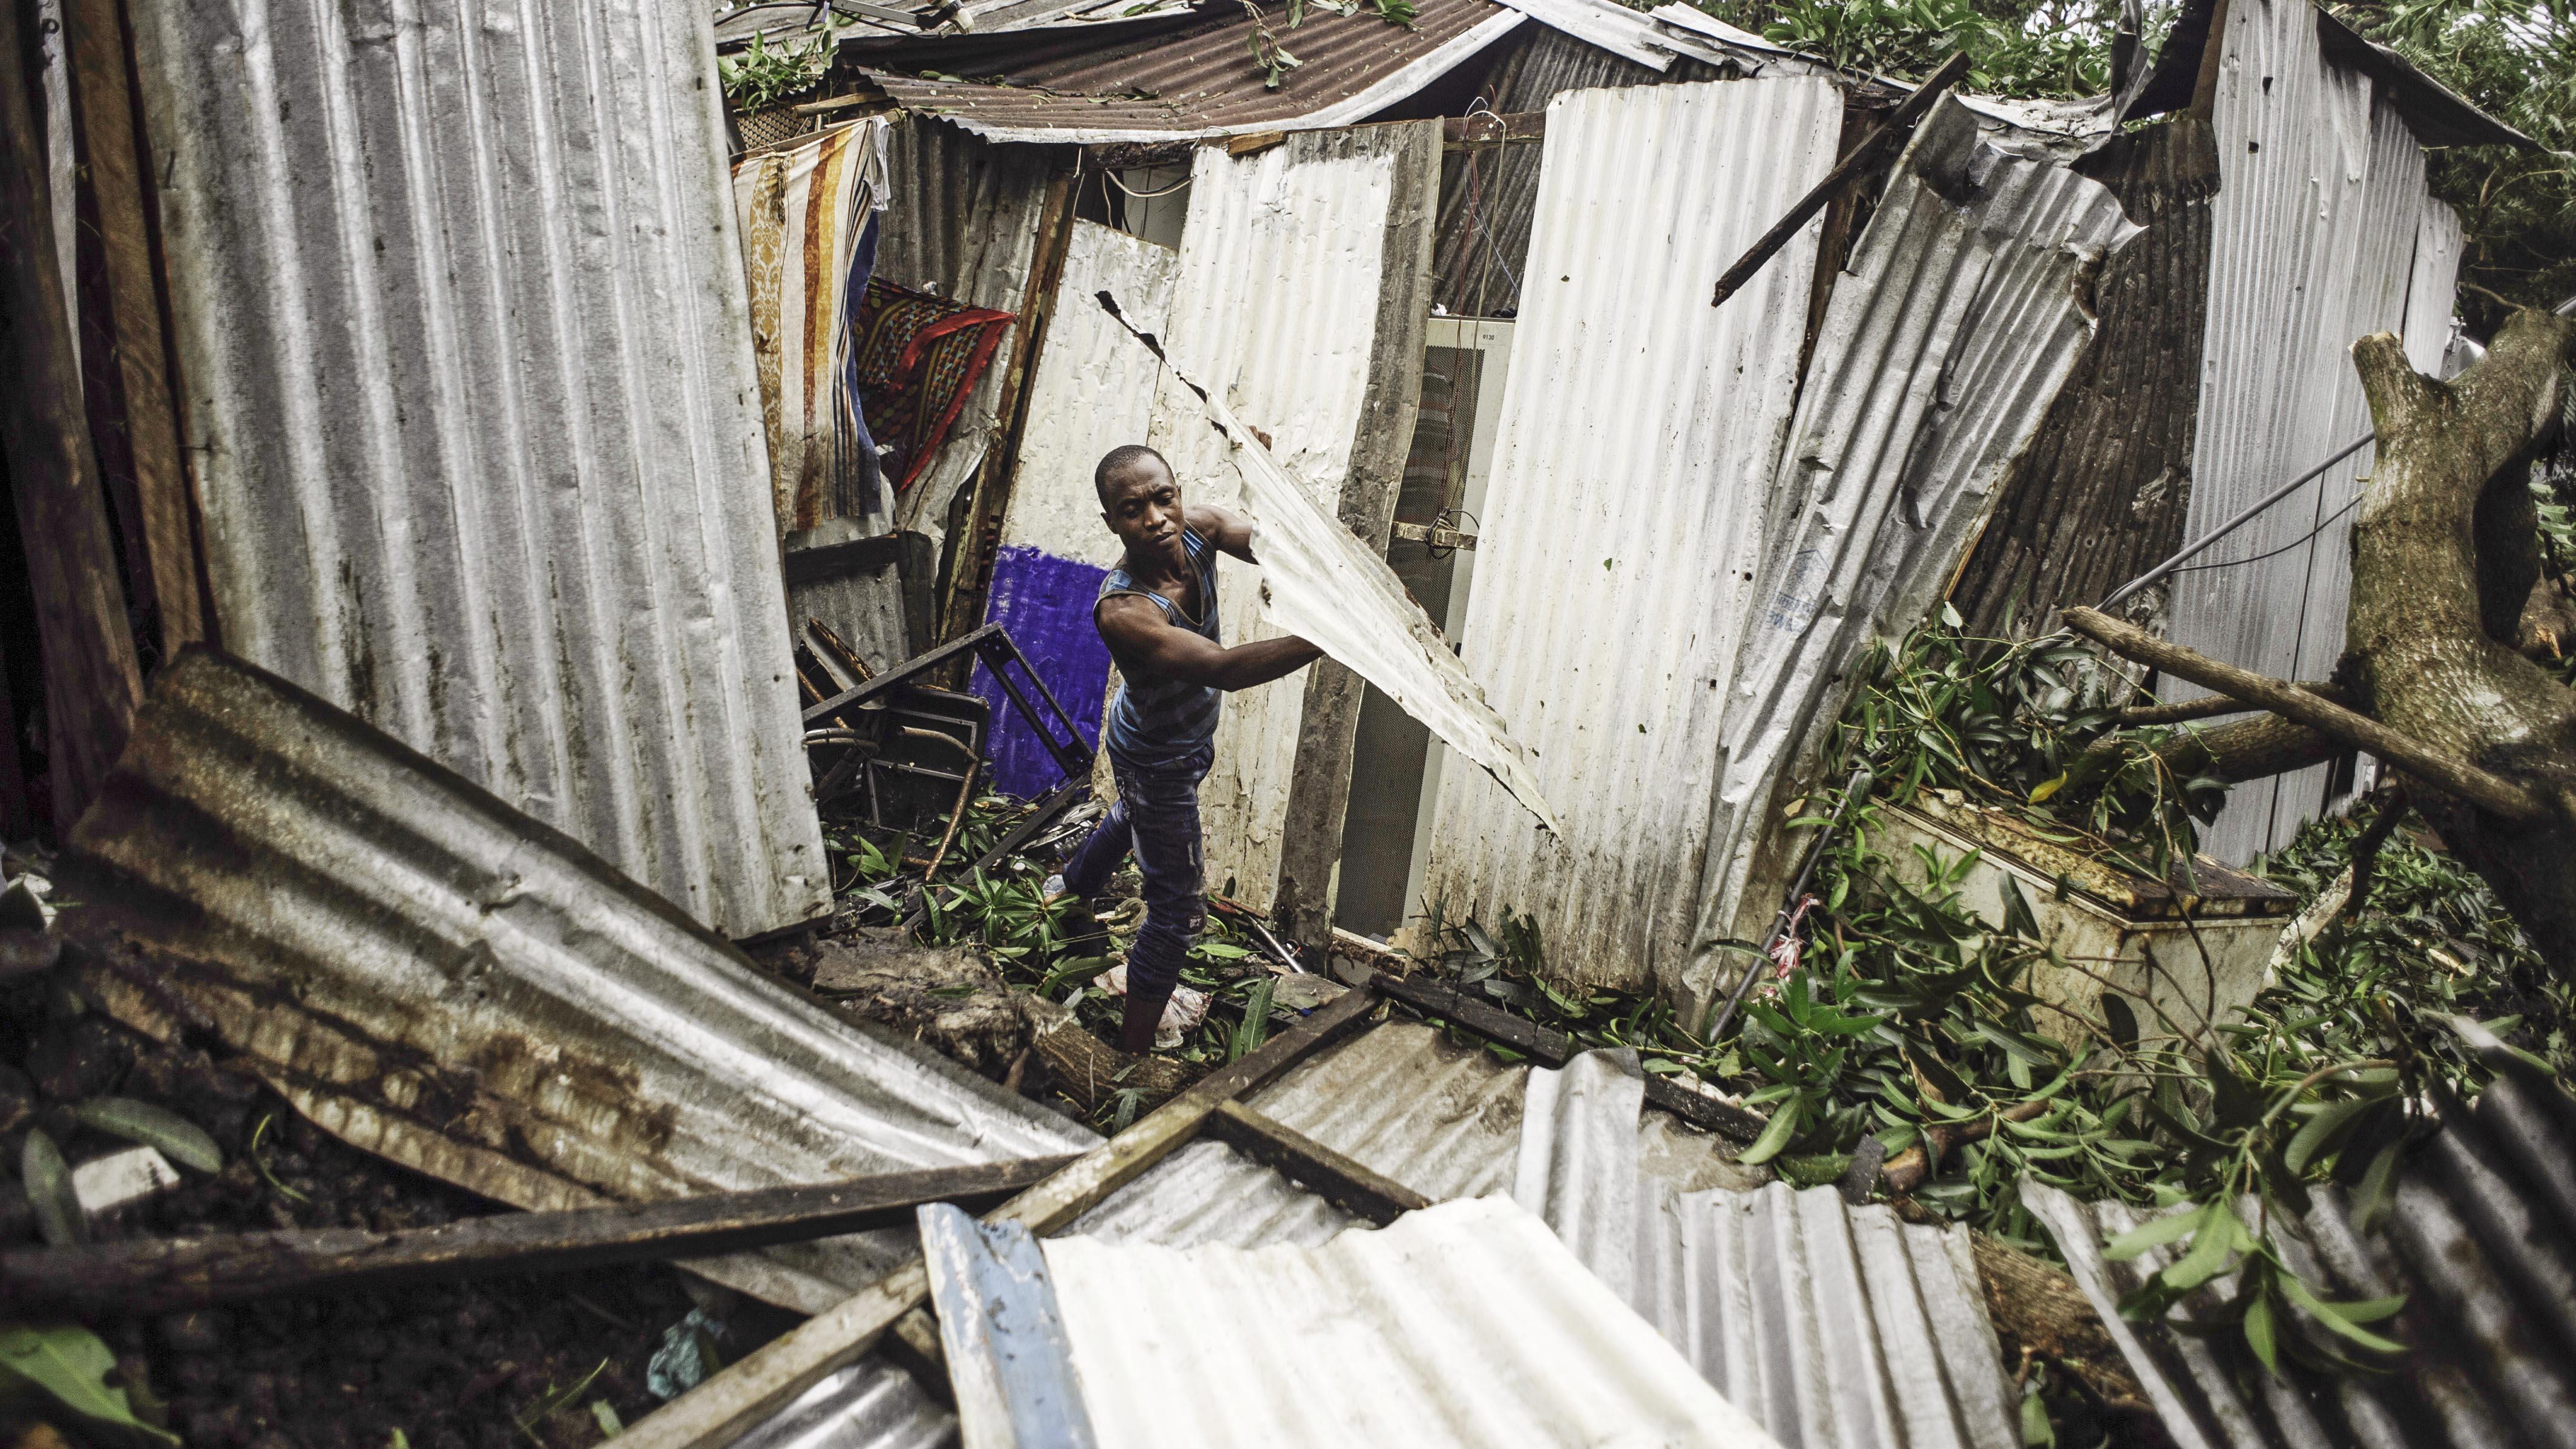 dpatopbilder - 25.04.2019, Komoren, Moroni: Ein Mann r‰umt die Sch‰den auf, die der Zyklon ´Kennethª ¸ber Nacht an einer Wellblechh¸tte hinterlassen hat. Wenige Wochen nach dem verheerenden Zyklon ´Idaiª kˆnnte ein weiterer tropischer Wirbelsturm im S¸dosten Afrikas grofle Verw¸stung anrichten. Quasi die gesamte Bevˆlkerung der Komoren, fast 760 000 Menschen, lebt in der Schneise des Zyklons ´Kennethª. Foto: Louis Witter/Le Pictorium Agency via ZUMA/dpa +++ dpa-Bildfunk +++